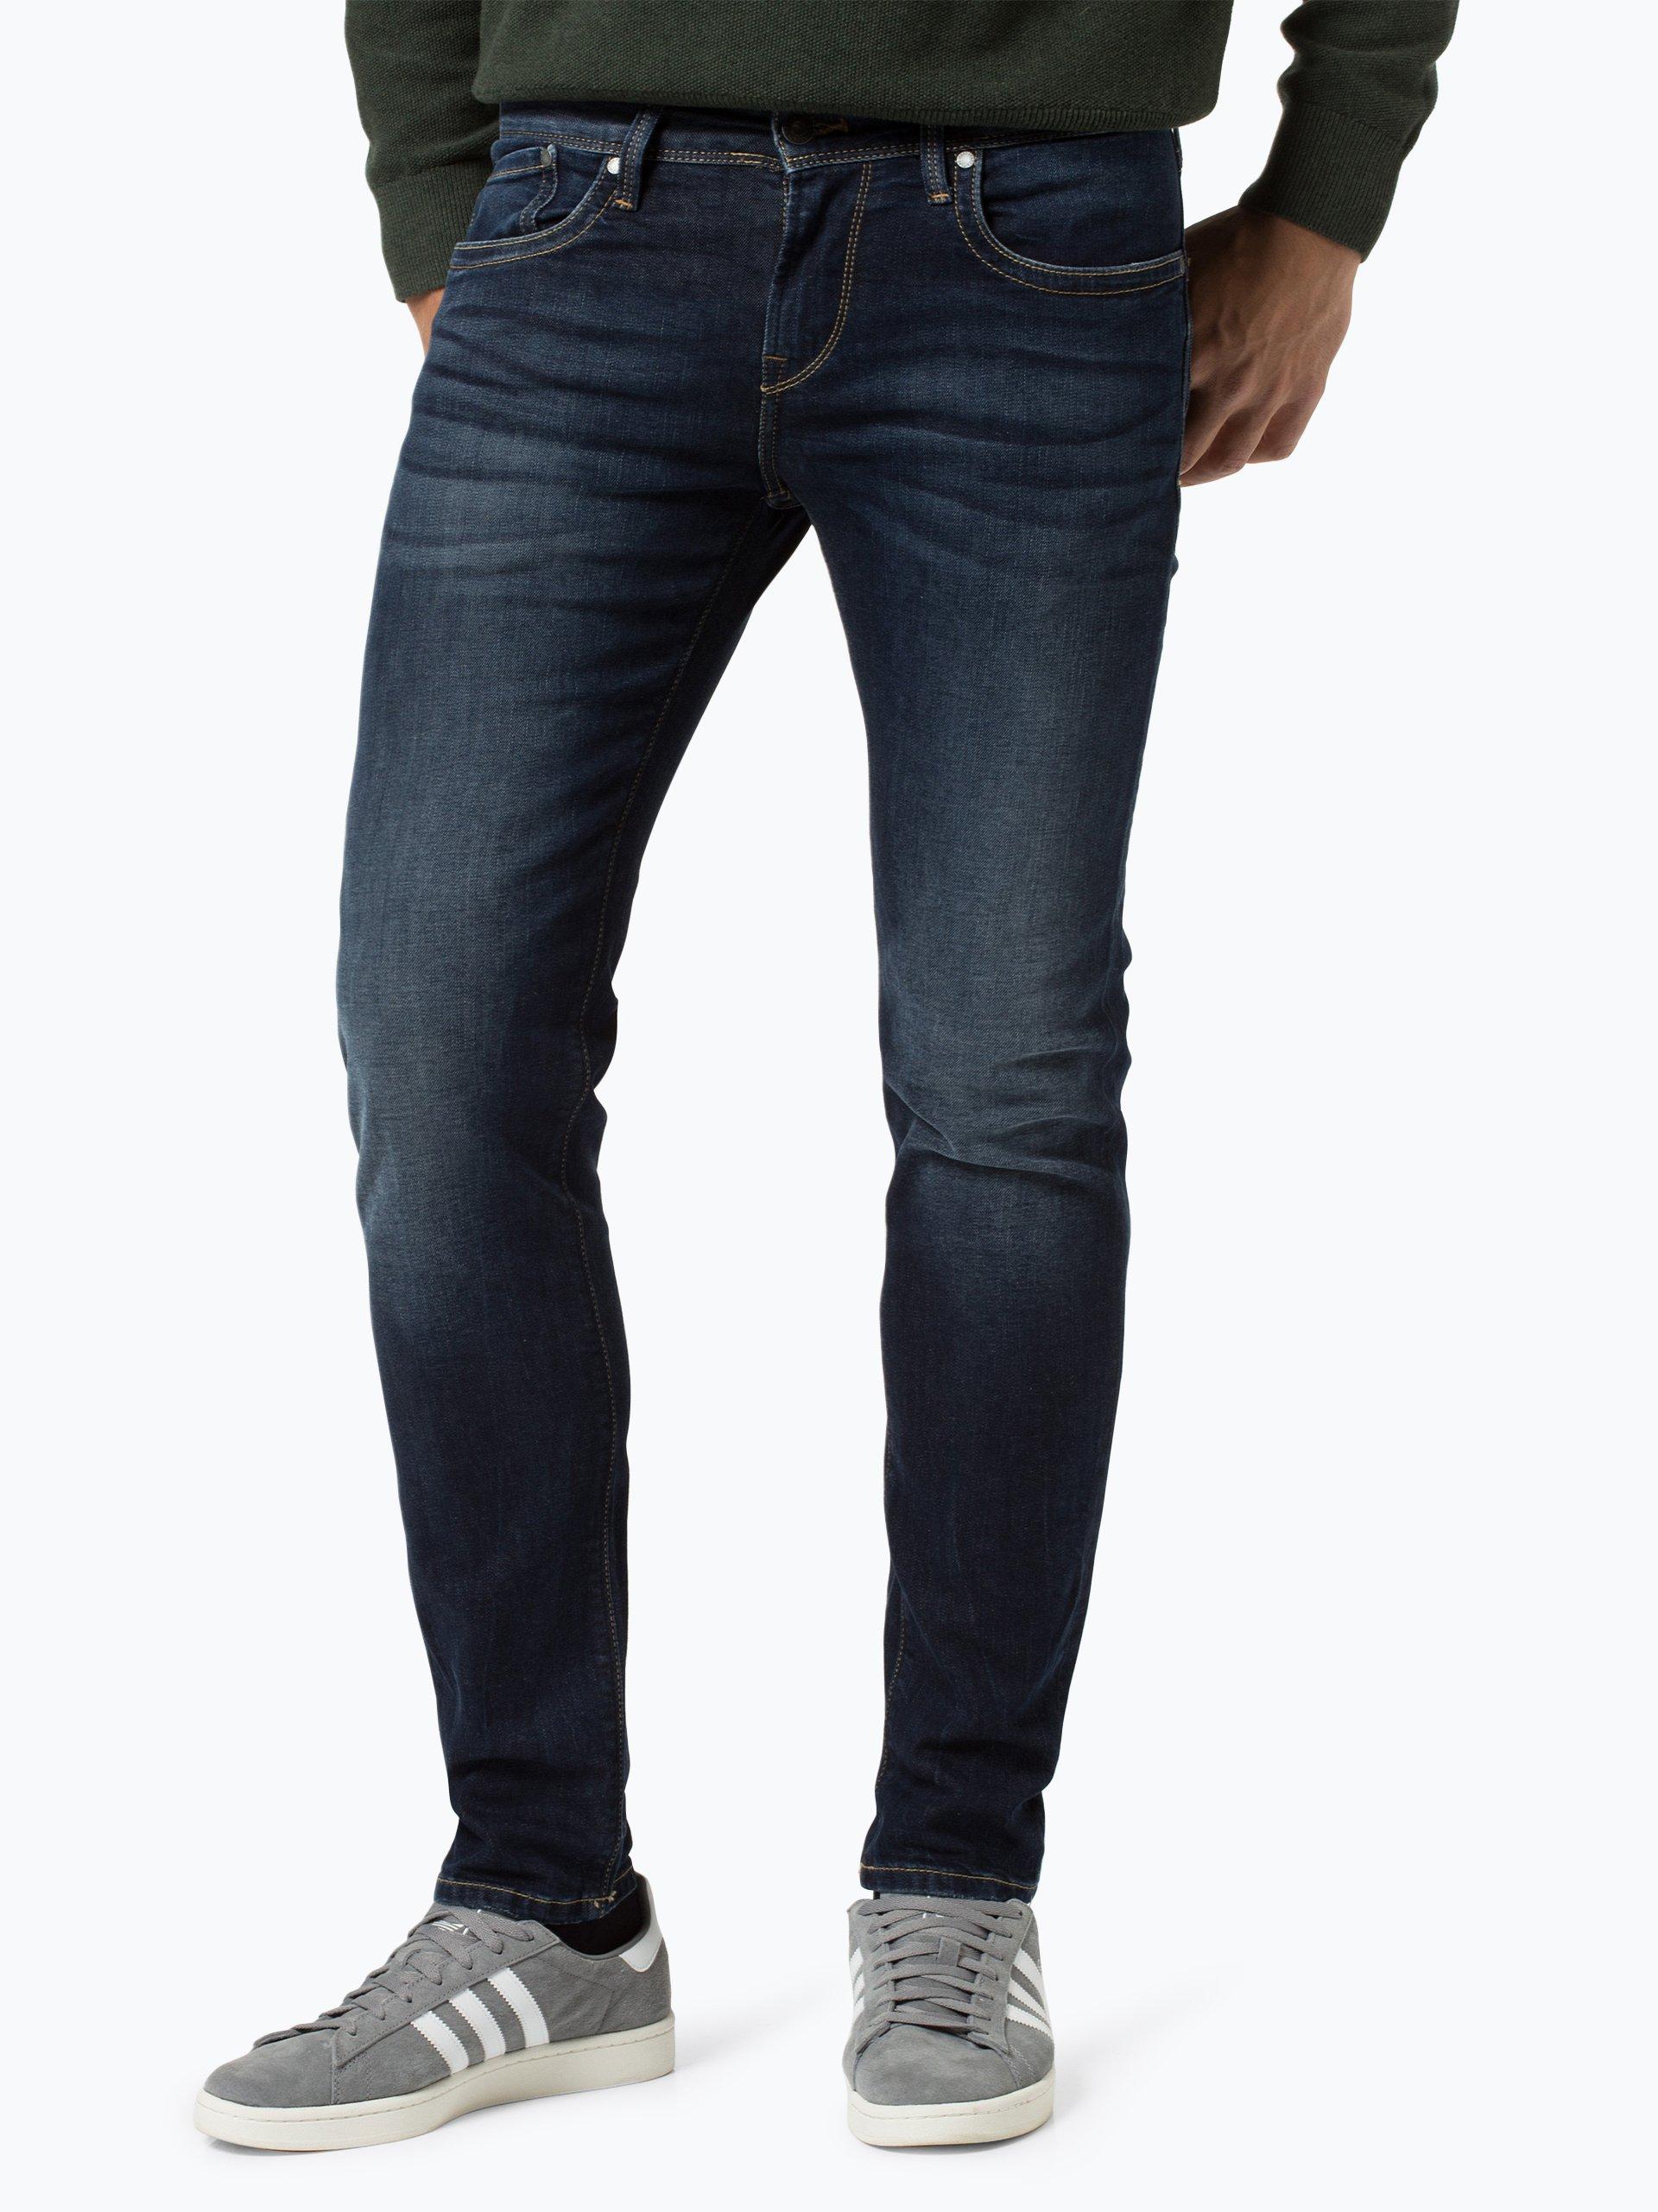 pepe jeans herren jeans hatch dark stone uni online kaufen peek und cloppenburg de. Black Bedroom Furniture Sets. Home Design Ideas